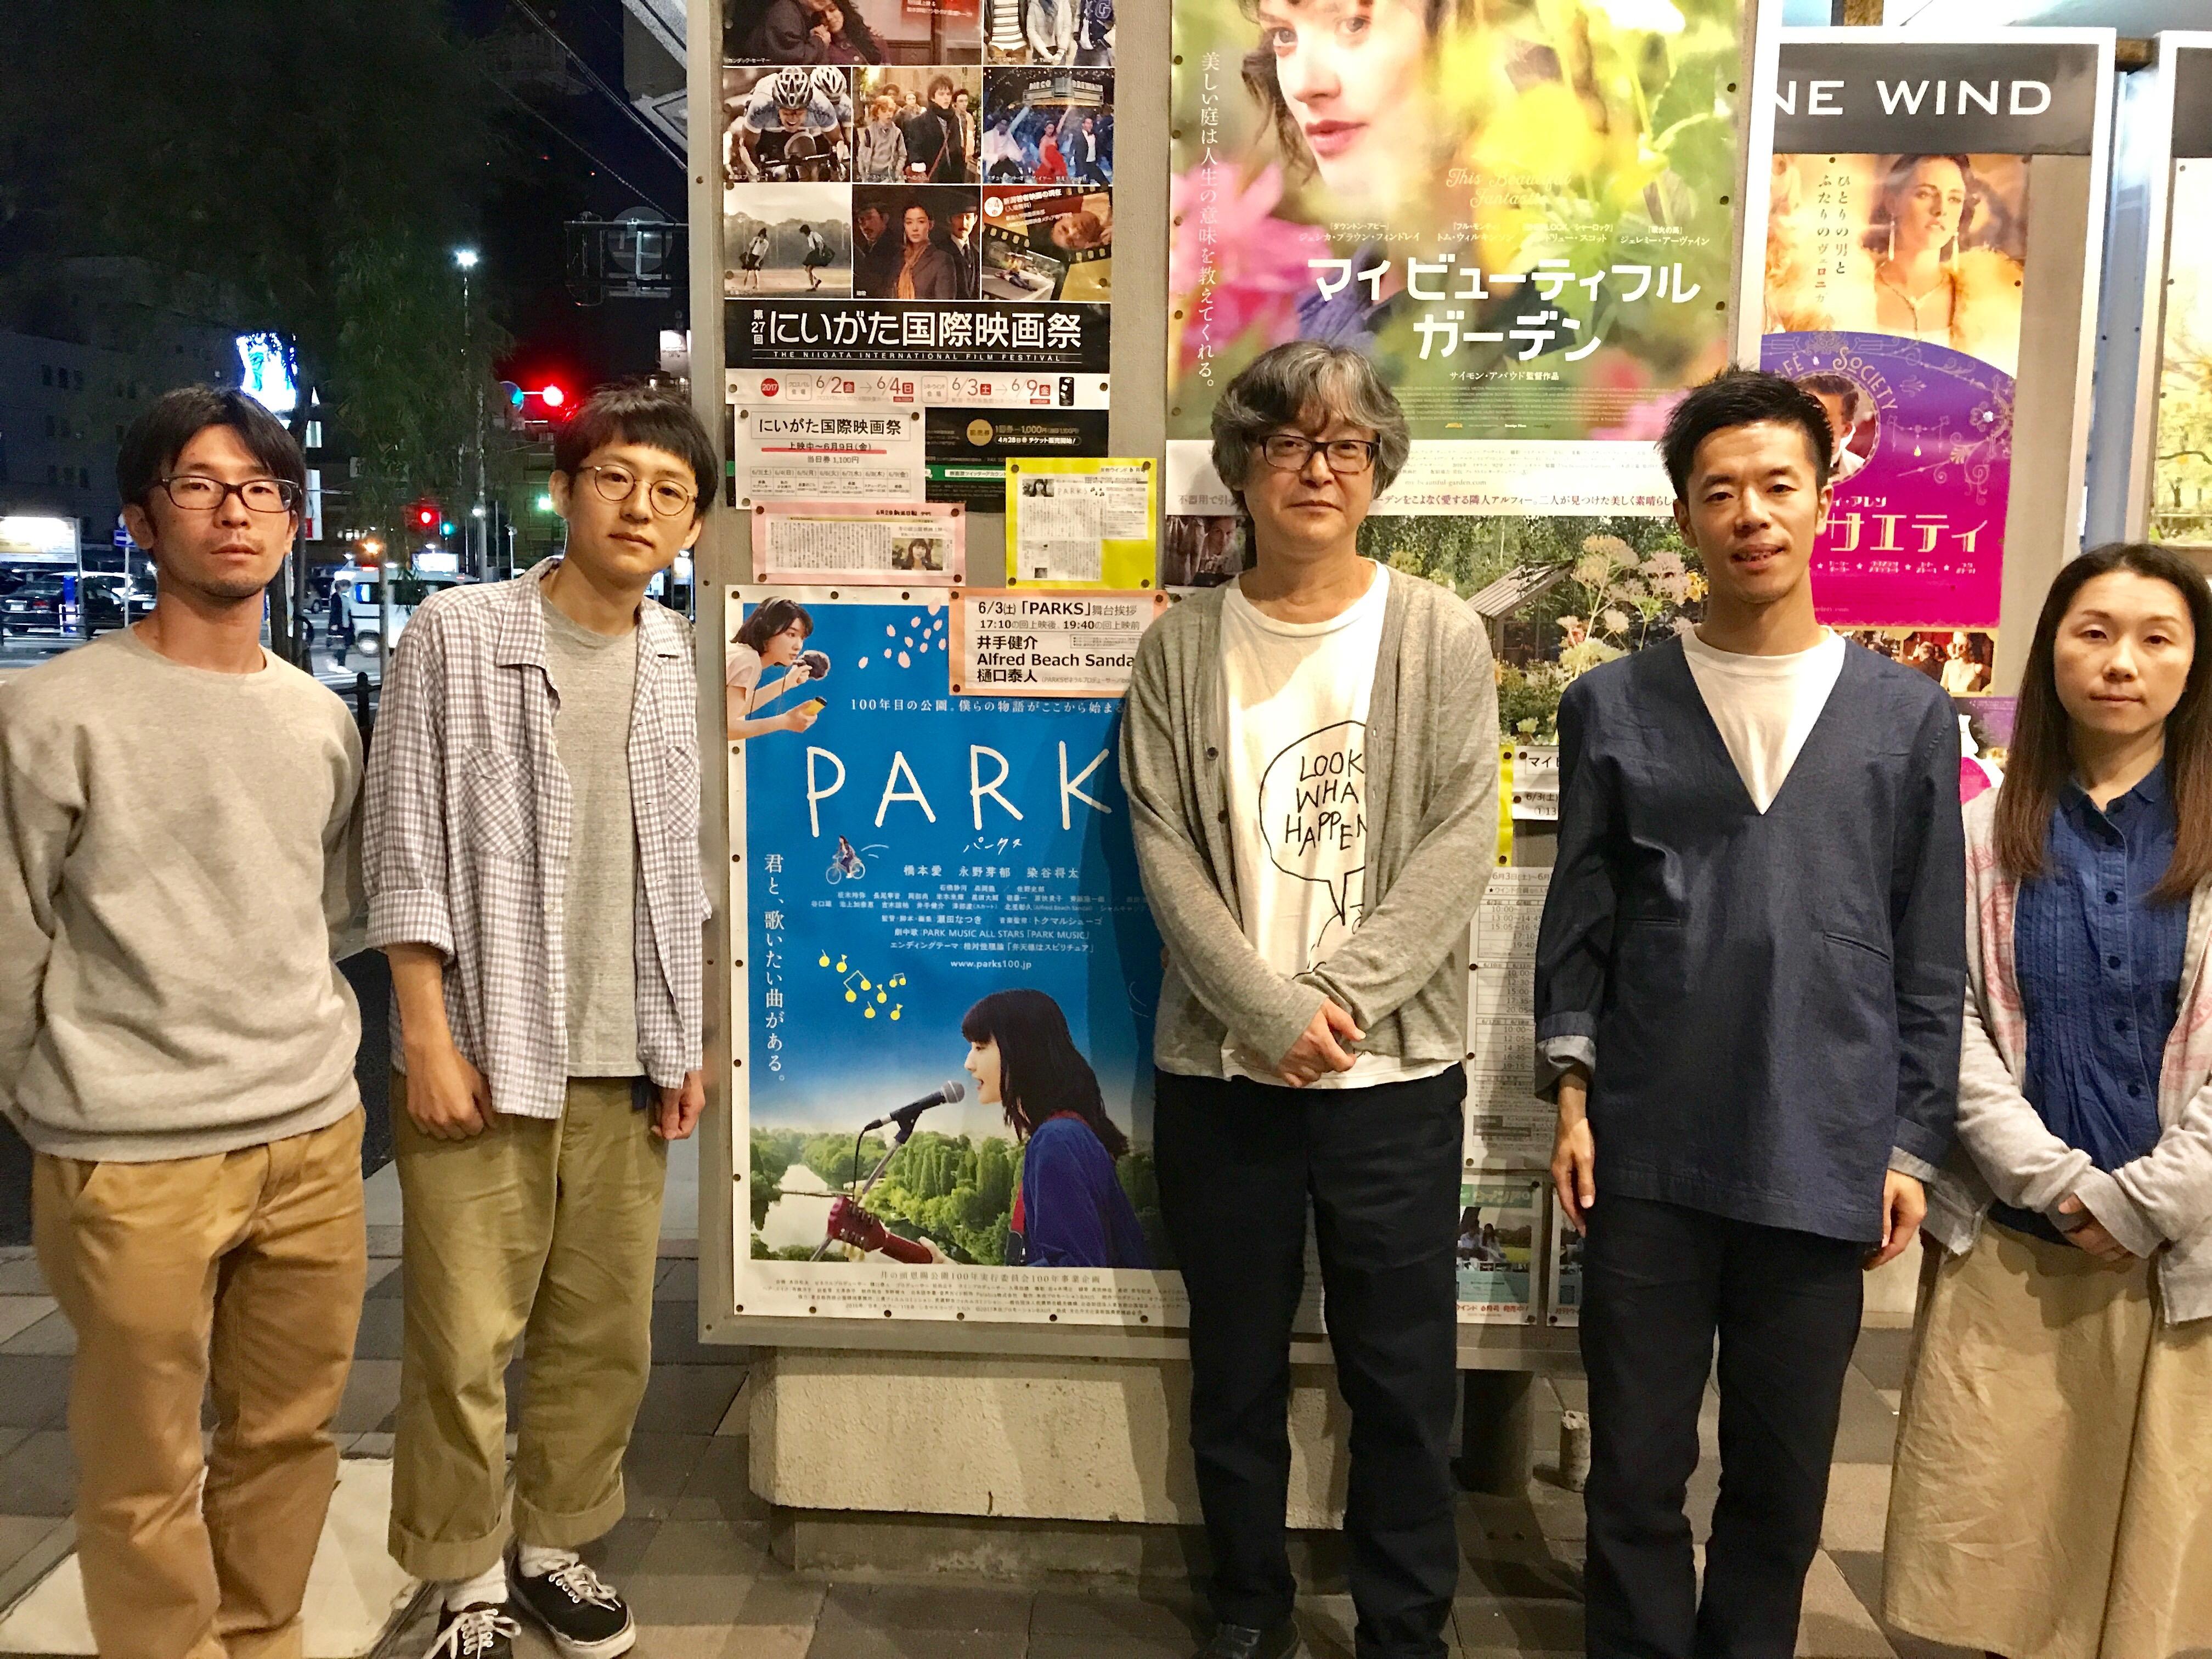 【報告】「PARKS」舞台挨拶がありました!